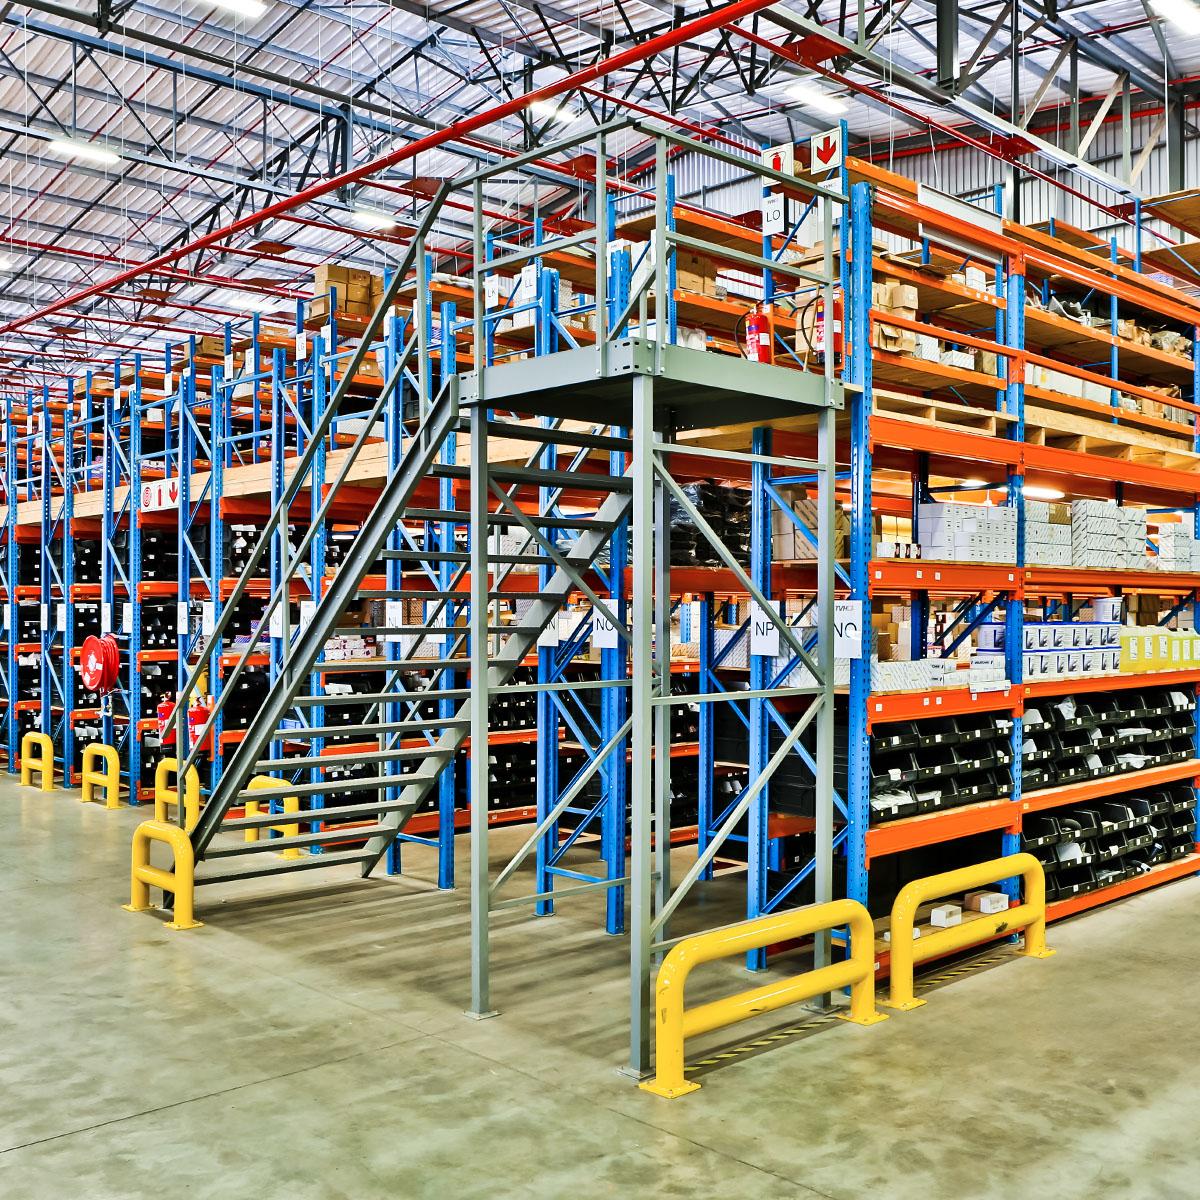 Storelab mezzanine floor level with stairs